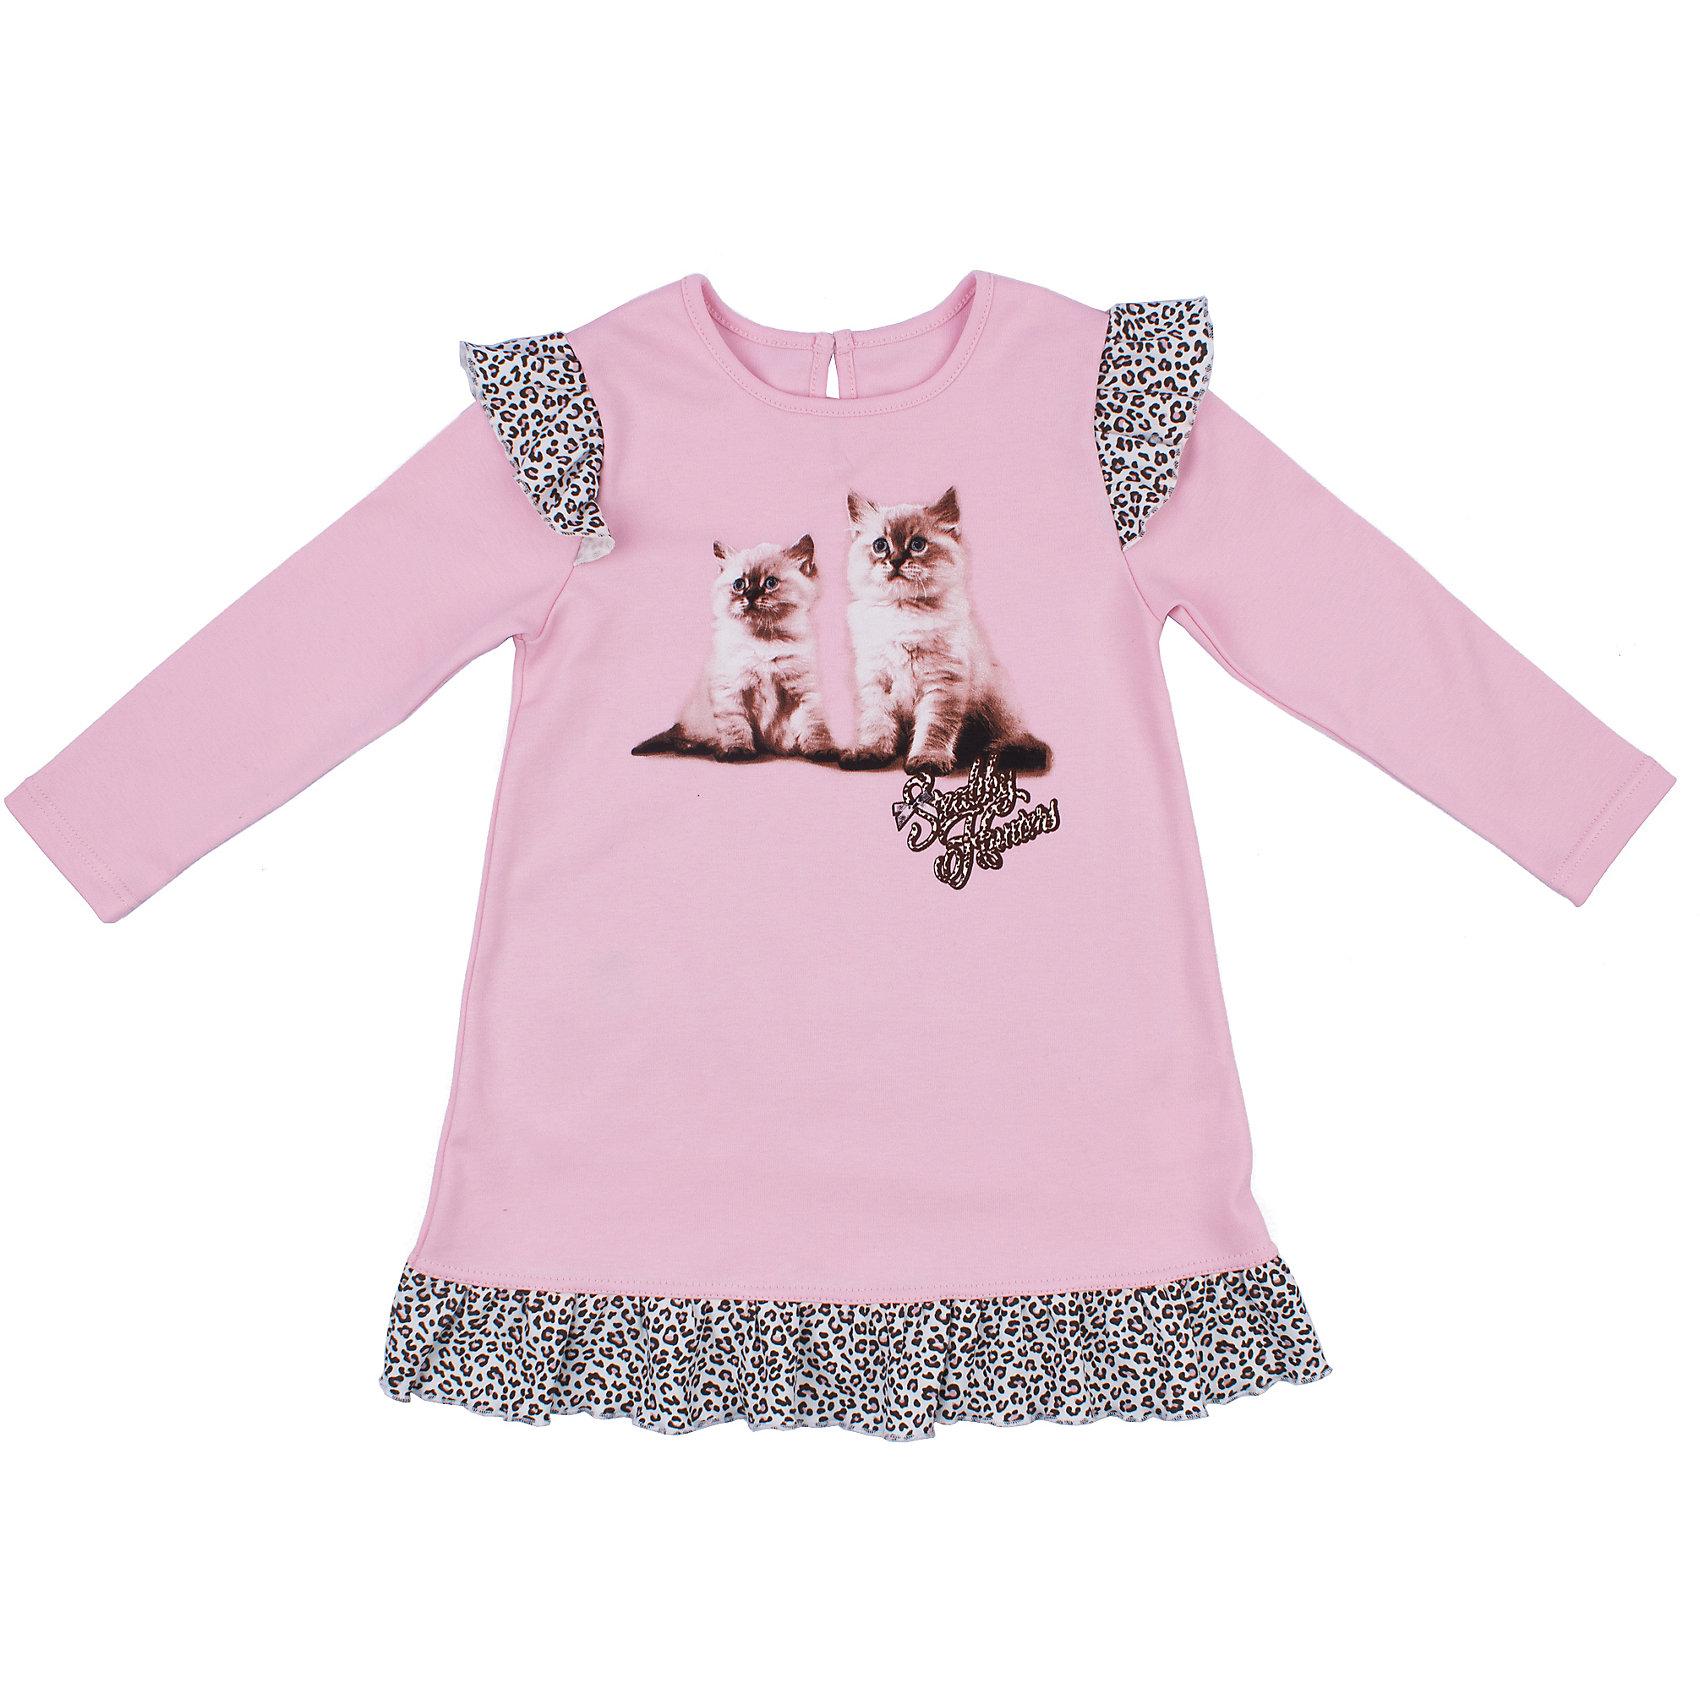 Платье для девочки АпрельПлатье для девочки Апрель.<br><br>Характеристики:<br>• состав: 100% хлопок<br>• цвет: розовый<br>• коллекция: Забавные котята<br><br>Симпатичное платье из коллекции Забавные котята (Апрель) изготовлено из стопроцентного хлопкового полотна. Оно имеет круглый ворот, длинный рукав и расширенный к низу силуэт. Платье розового цвета украшено леопардовыми рюшами по краю подола и на рукавах. Спереди модель декорирована принтом с милыми котятами. Это платье придется по вкусу начинающей моднице!<br><br>Платье для девочки Апрель вы можете купить в нашем интернет-магазине.<br><br>Ширина мм: 236<br>Глубина мм: 16<br>Высота мм: 184<br>Вес г: 177<br>Цвет: розовый<br>Возраст от месяцев: 12<br>Возраст до месяцев: 18<br>Пол: Женский<br>Возраст: Детский<br>Размер: 86,116,110,104,98,92<br>SKU: 5006924